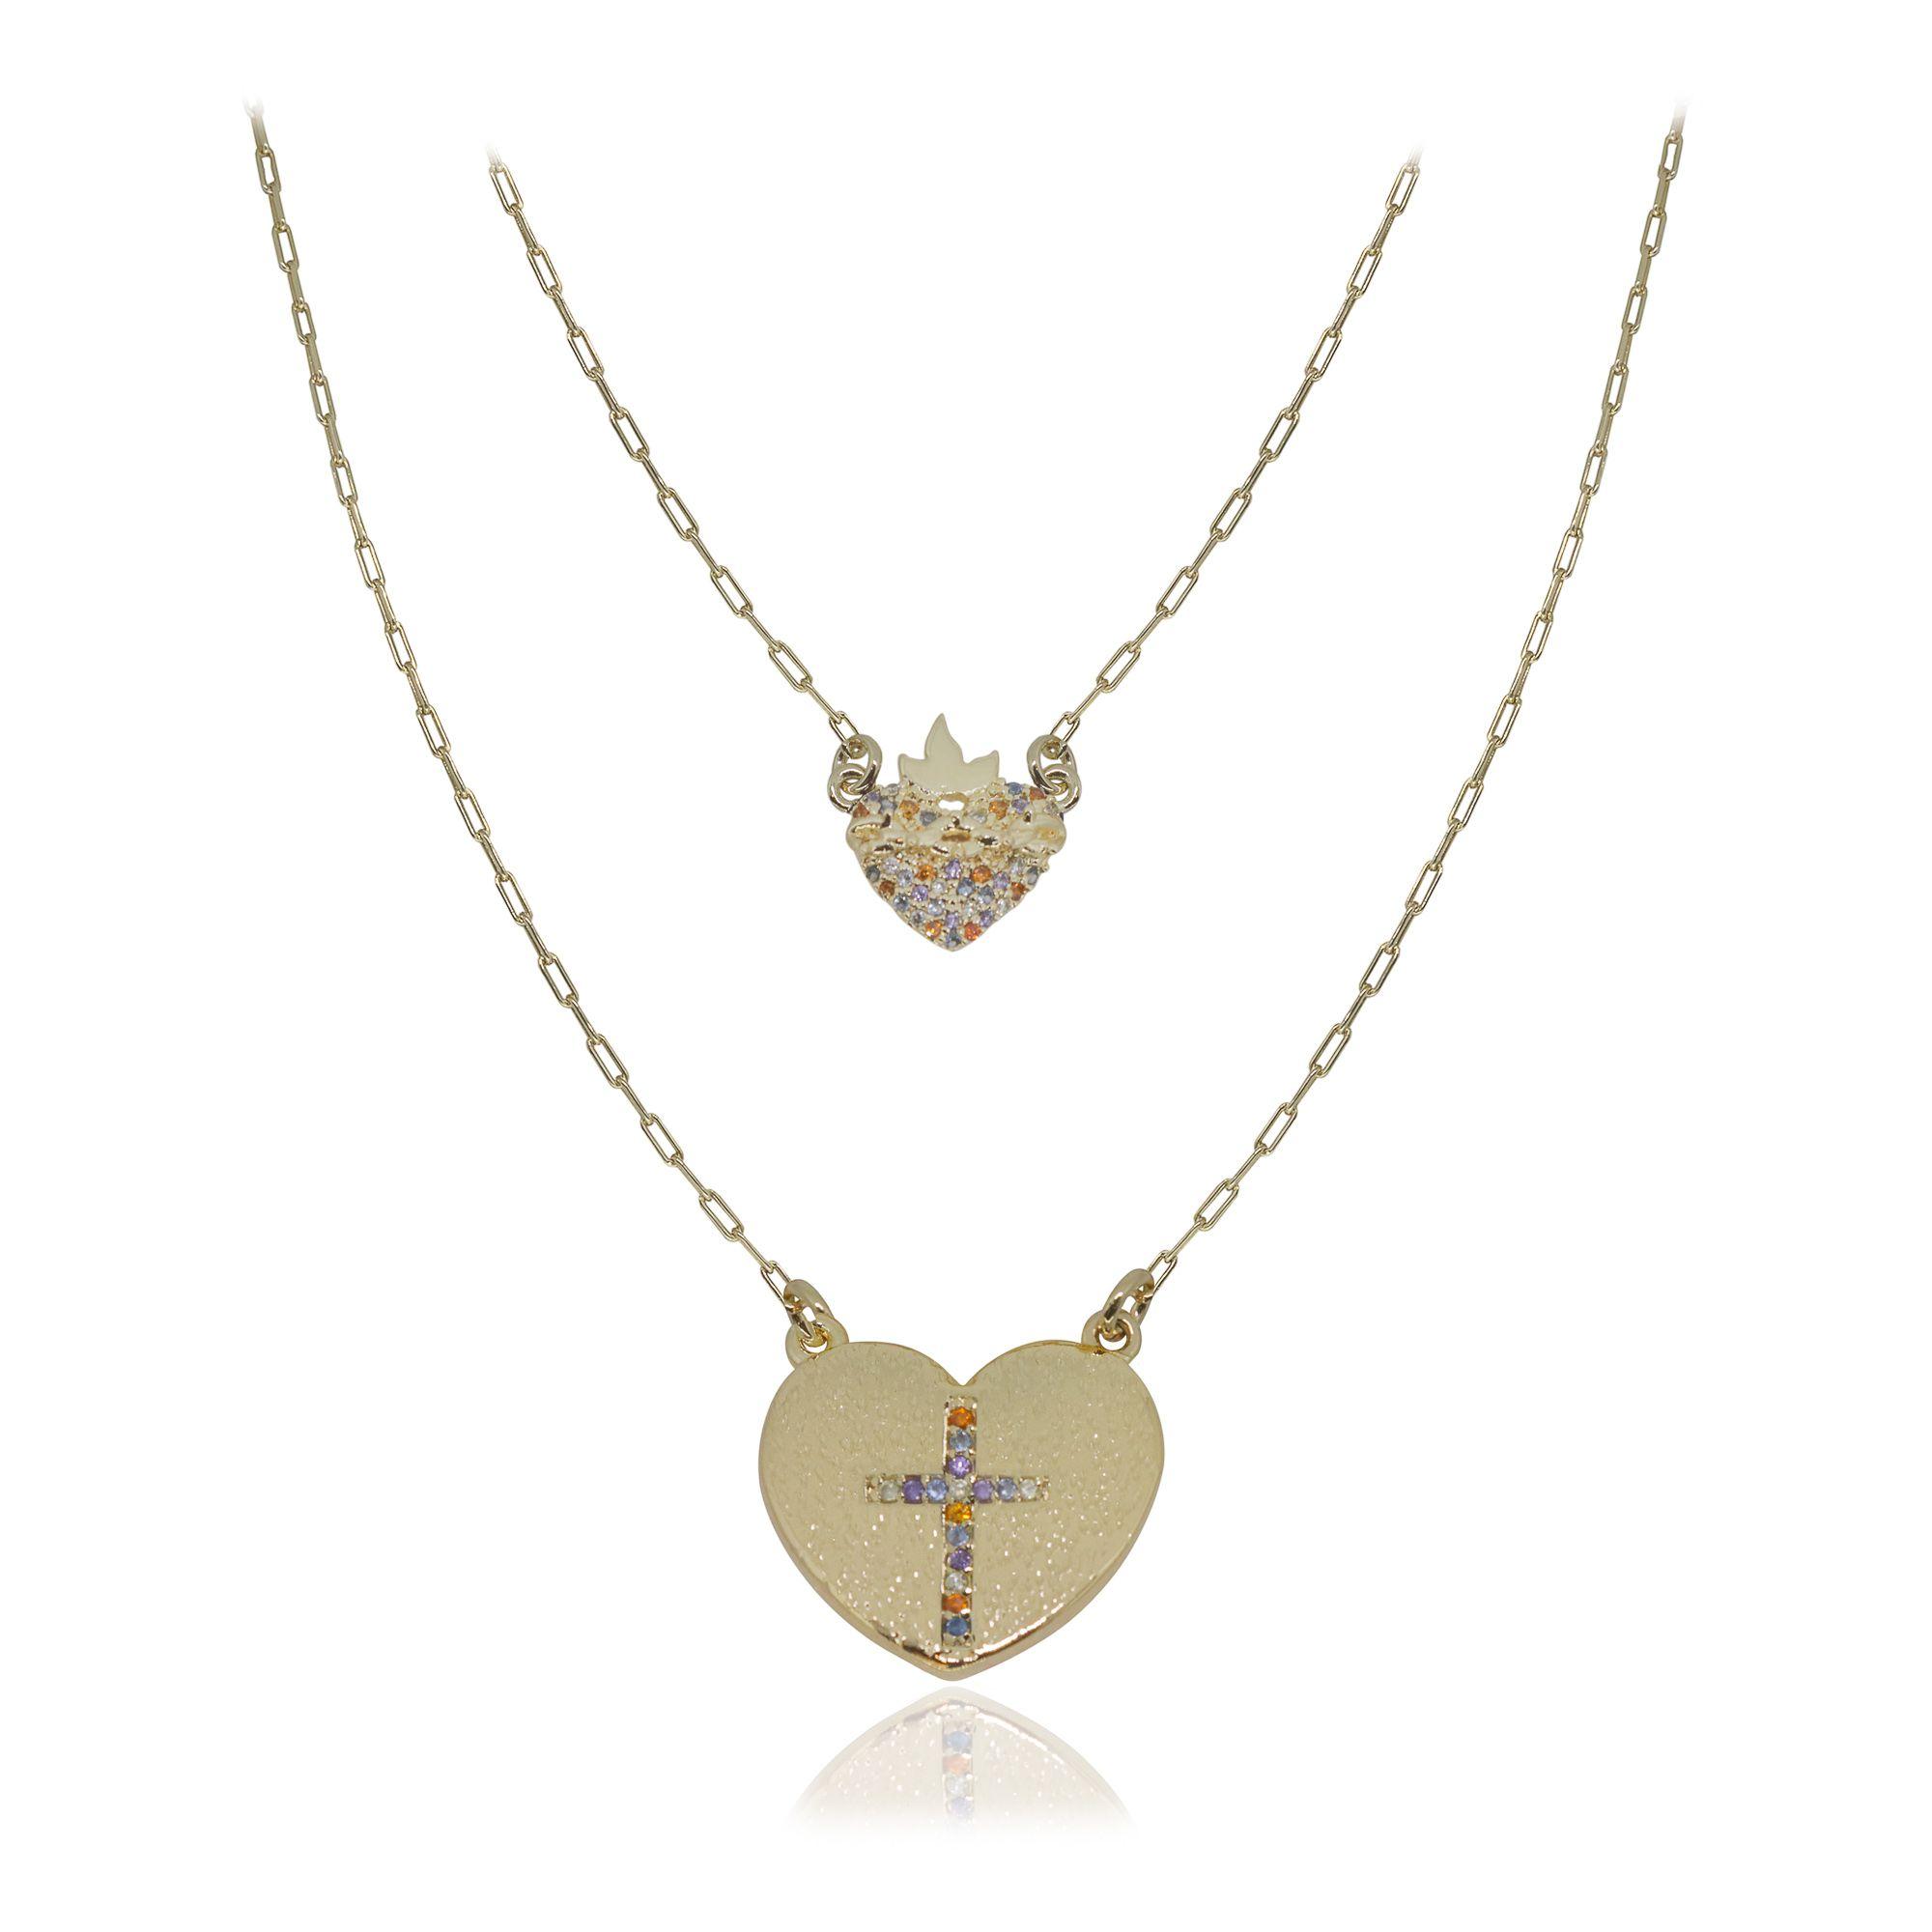 Gargantilha semijoia cravejado Sagrado coração e cruz